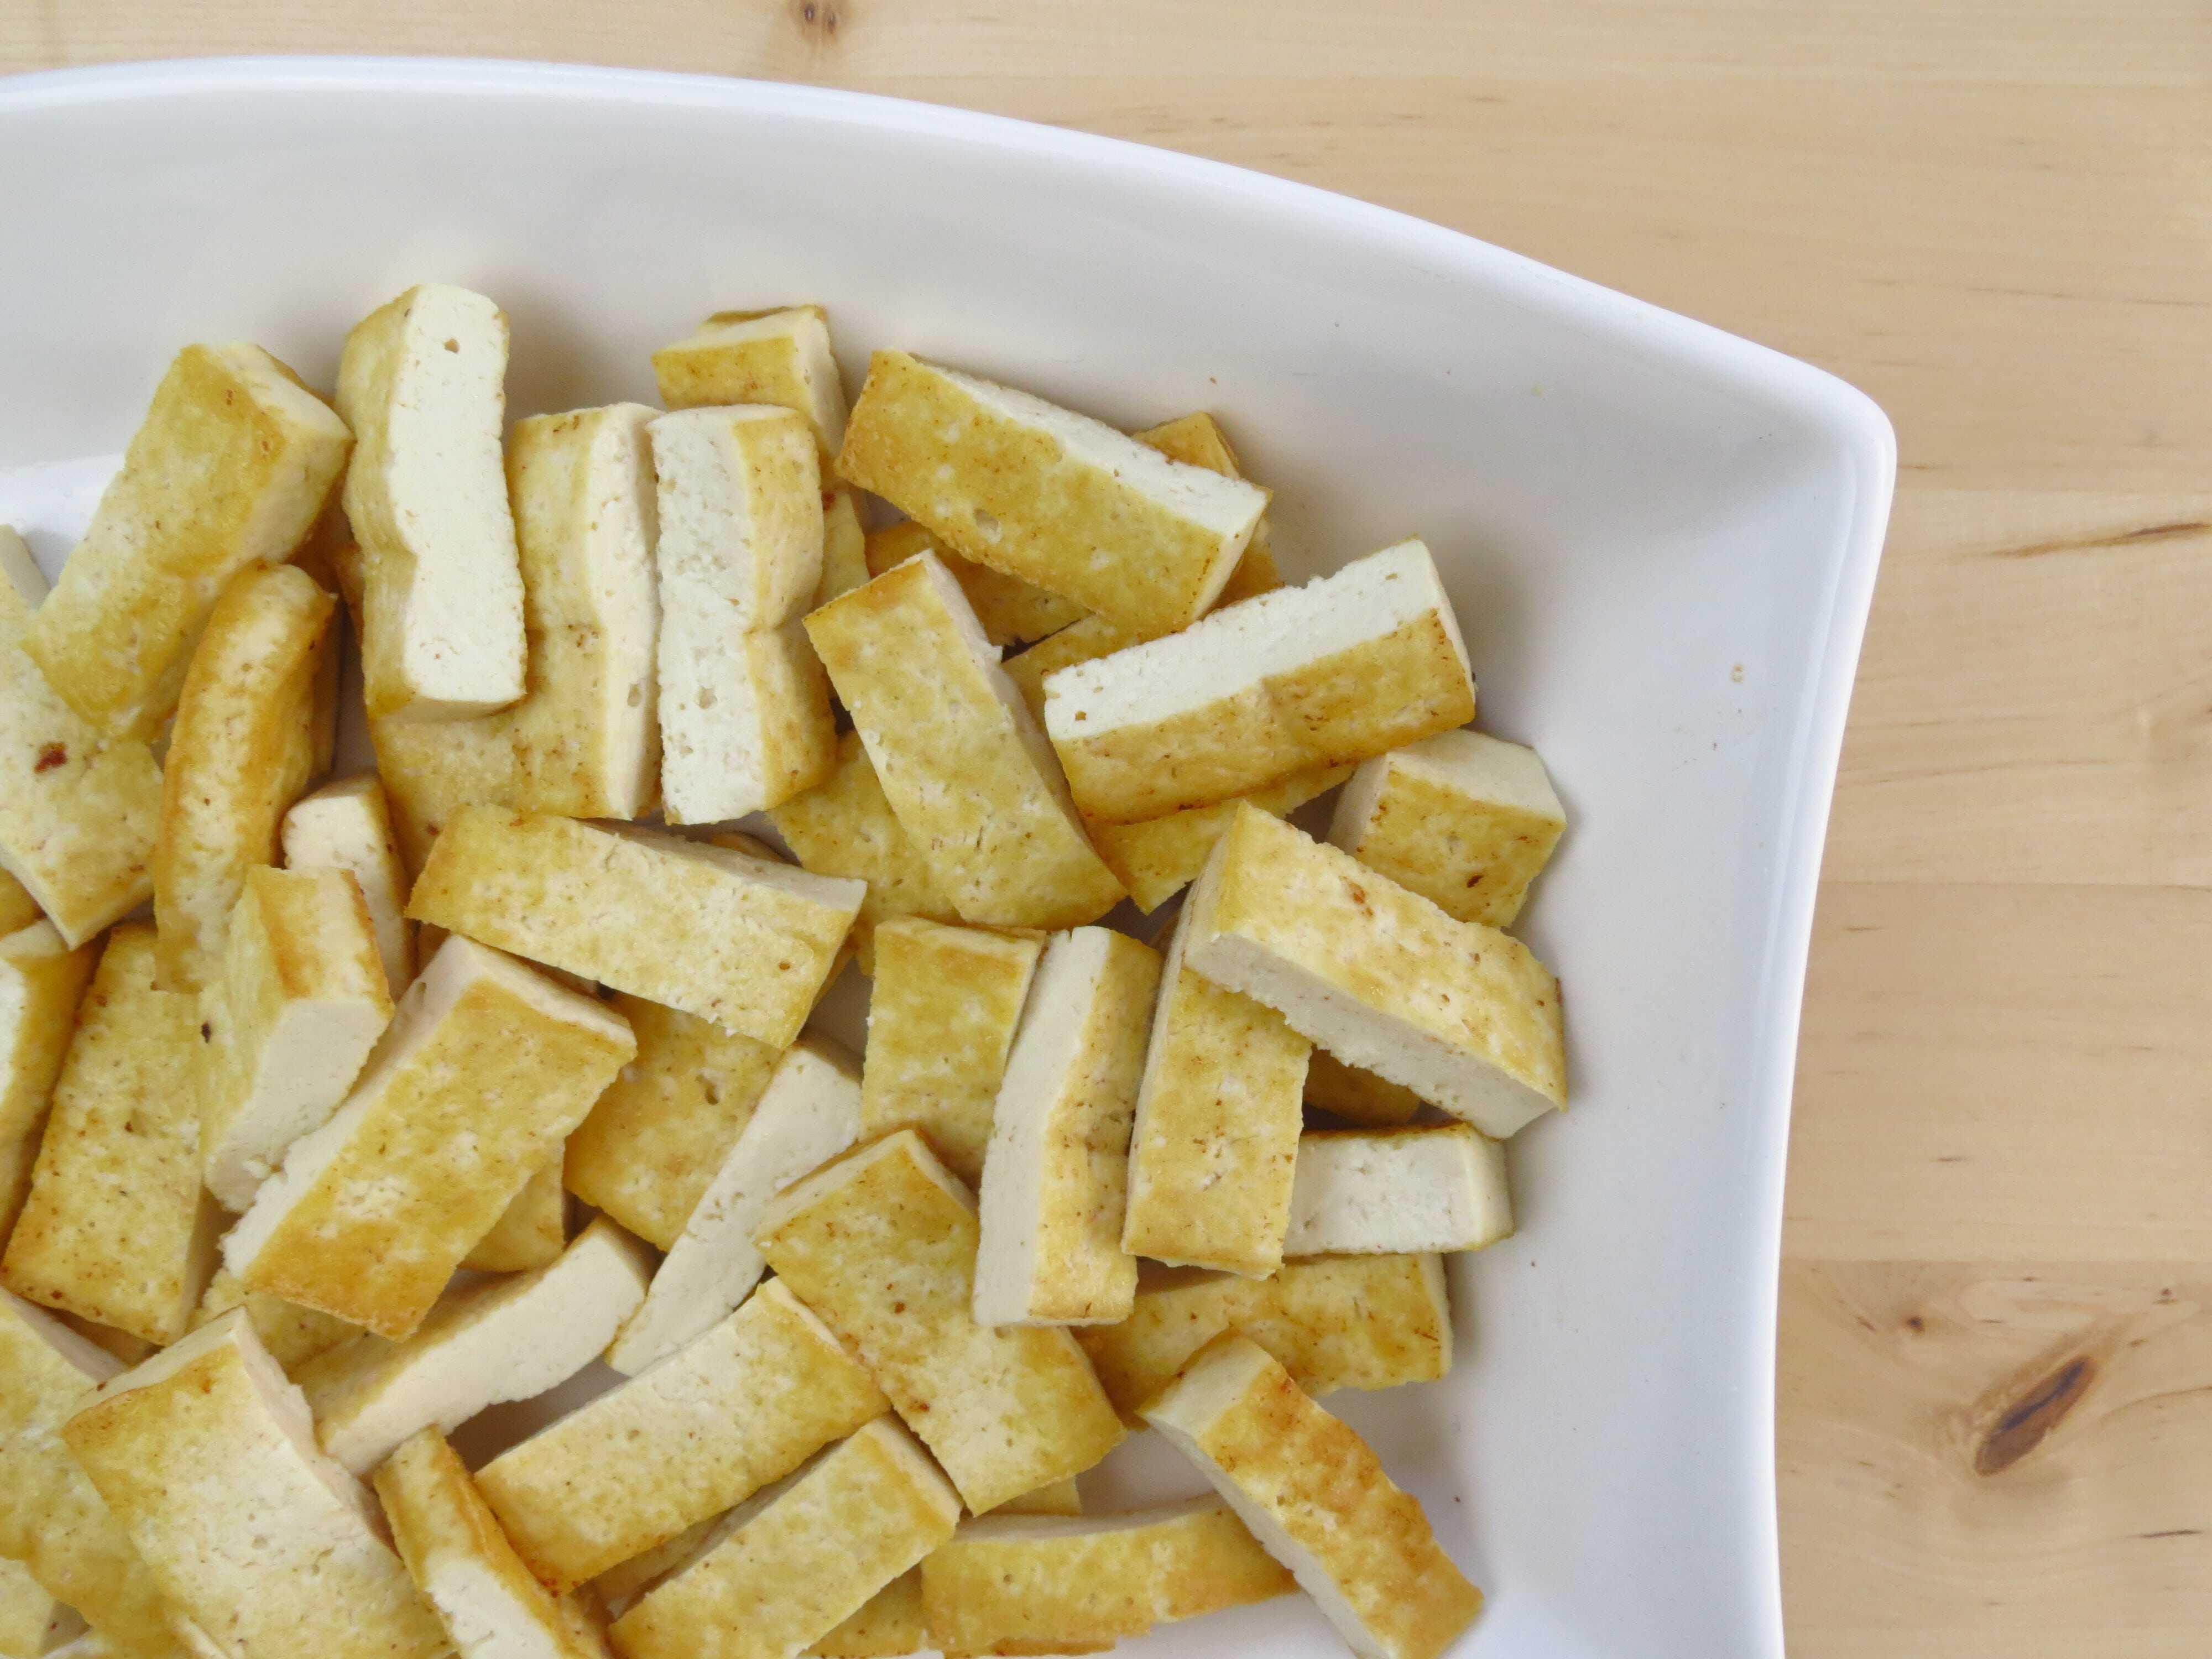 Sliced Fried Tofu